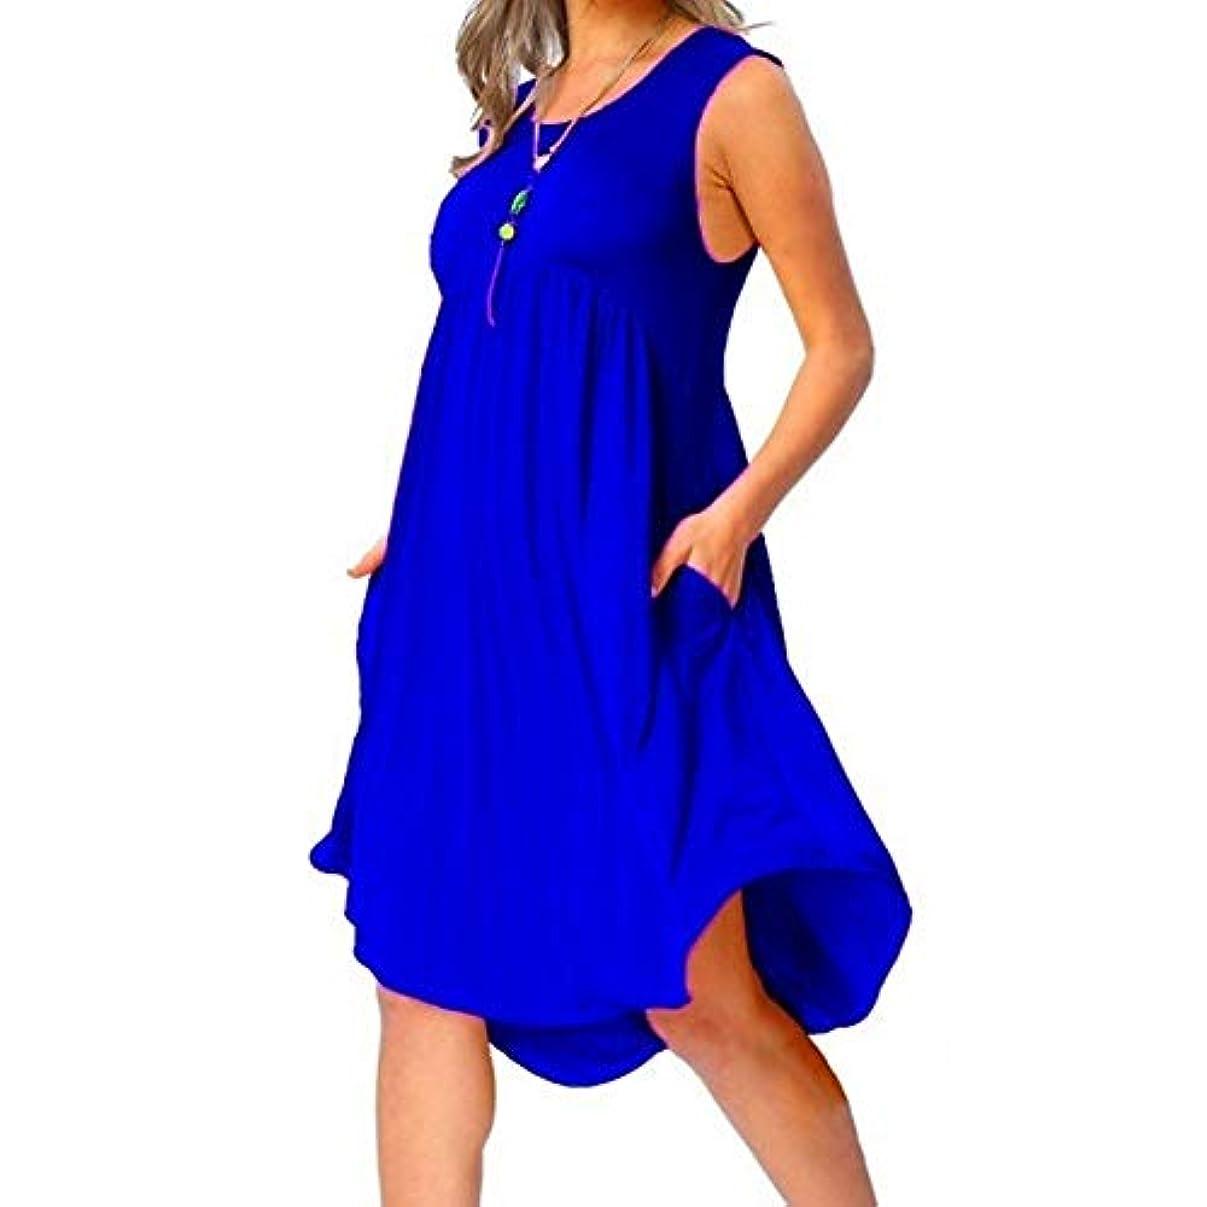 蓄積する組み合わせ記事MIFAN の女性のドレスカジュアルな不規則なドレスルースサマービーチTシャツドレス